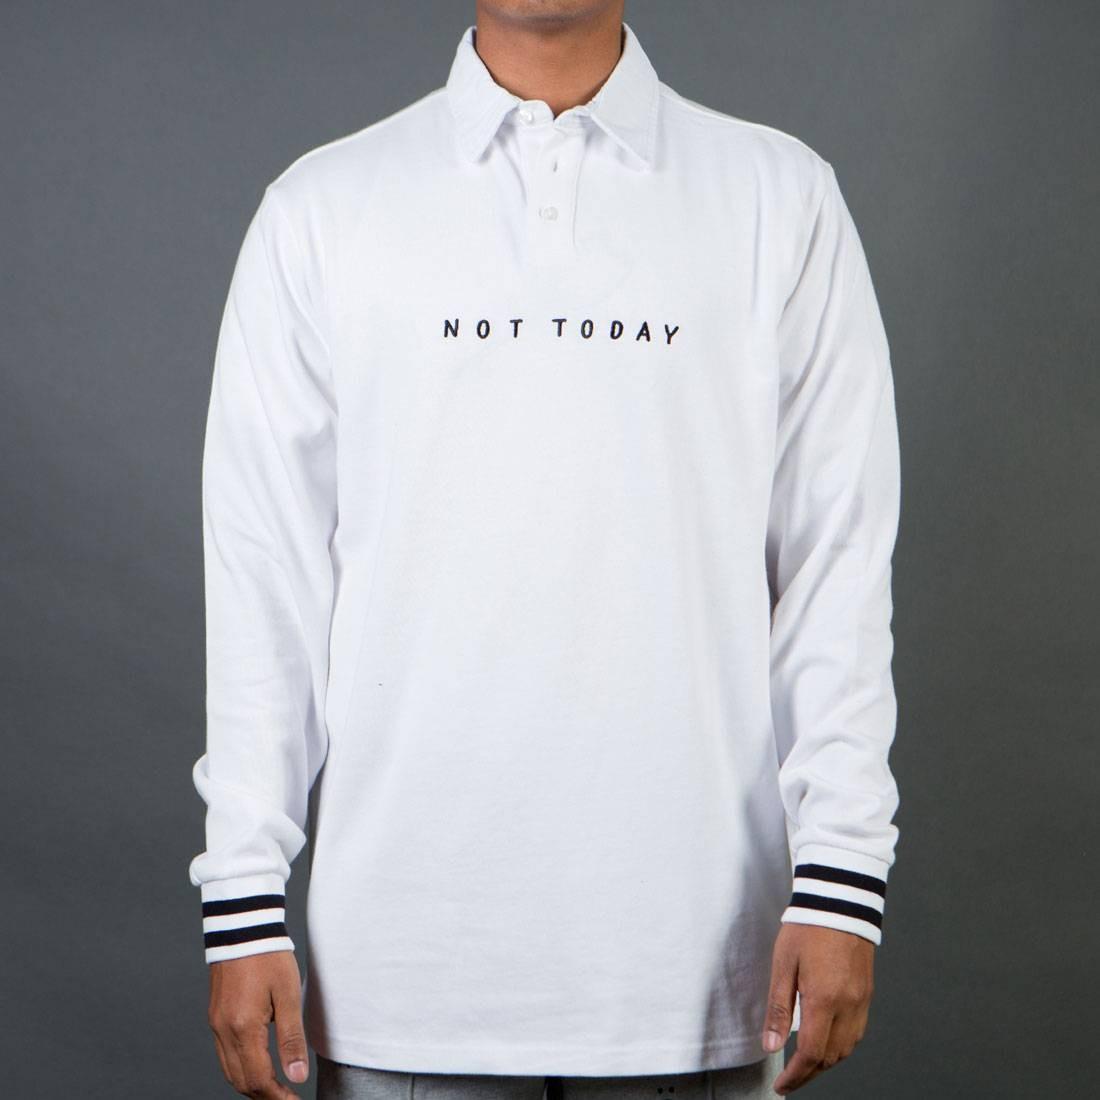 スリーブ ジャージ Tシャツ 白 ホワイト 【 SLEEVE WHITE LAZY OAF MEN NOT TODAY LONG JERSEY TEE 】 メンズファッション トップス Tシャツ カットソー